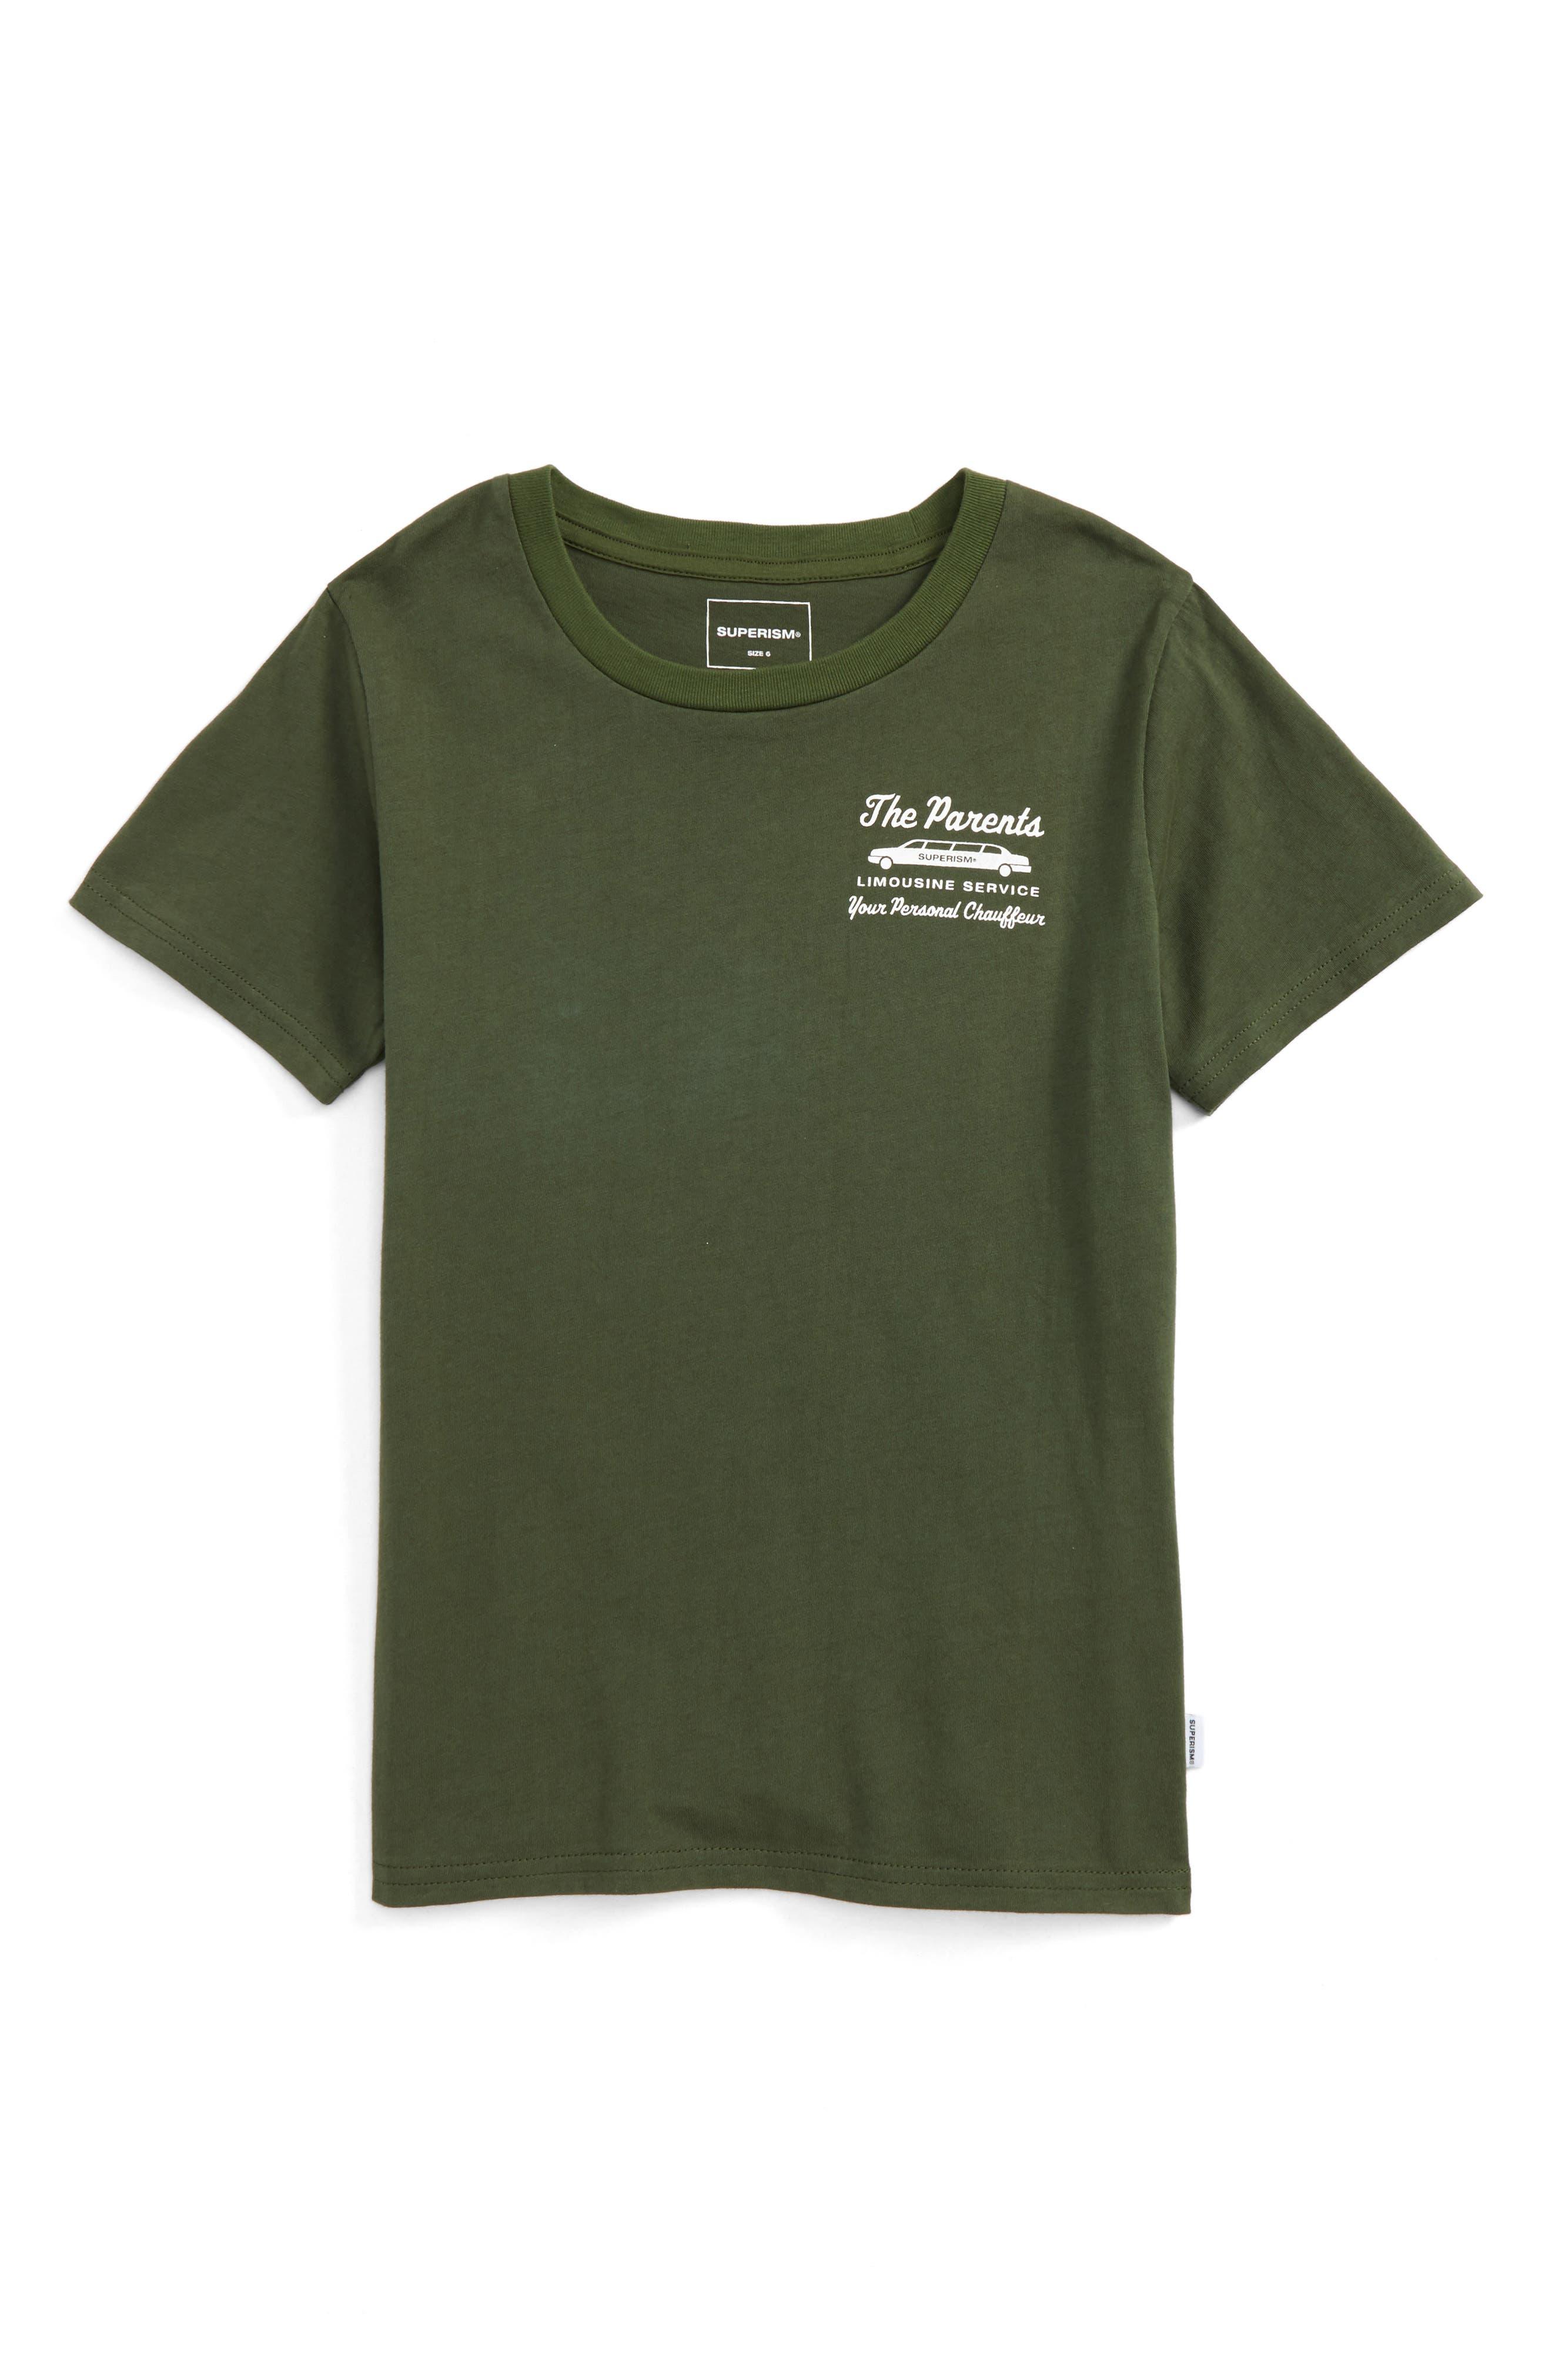 The Parents Limousine Service T-Shirt,                             Main thumbnail 1, color,                             300